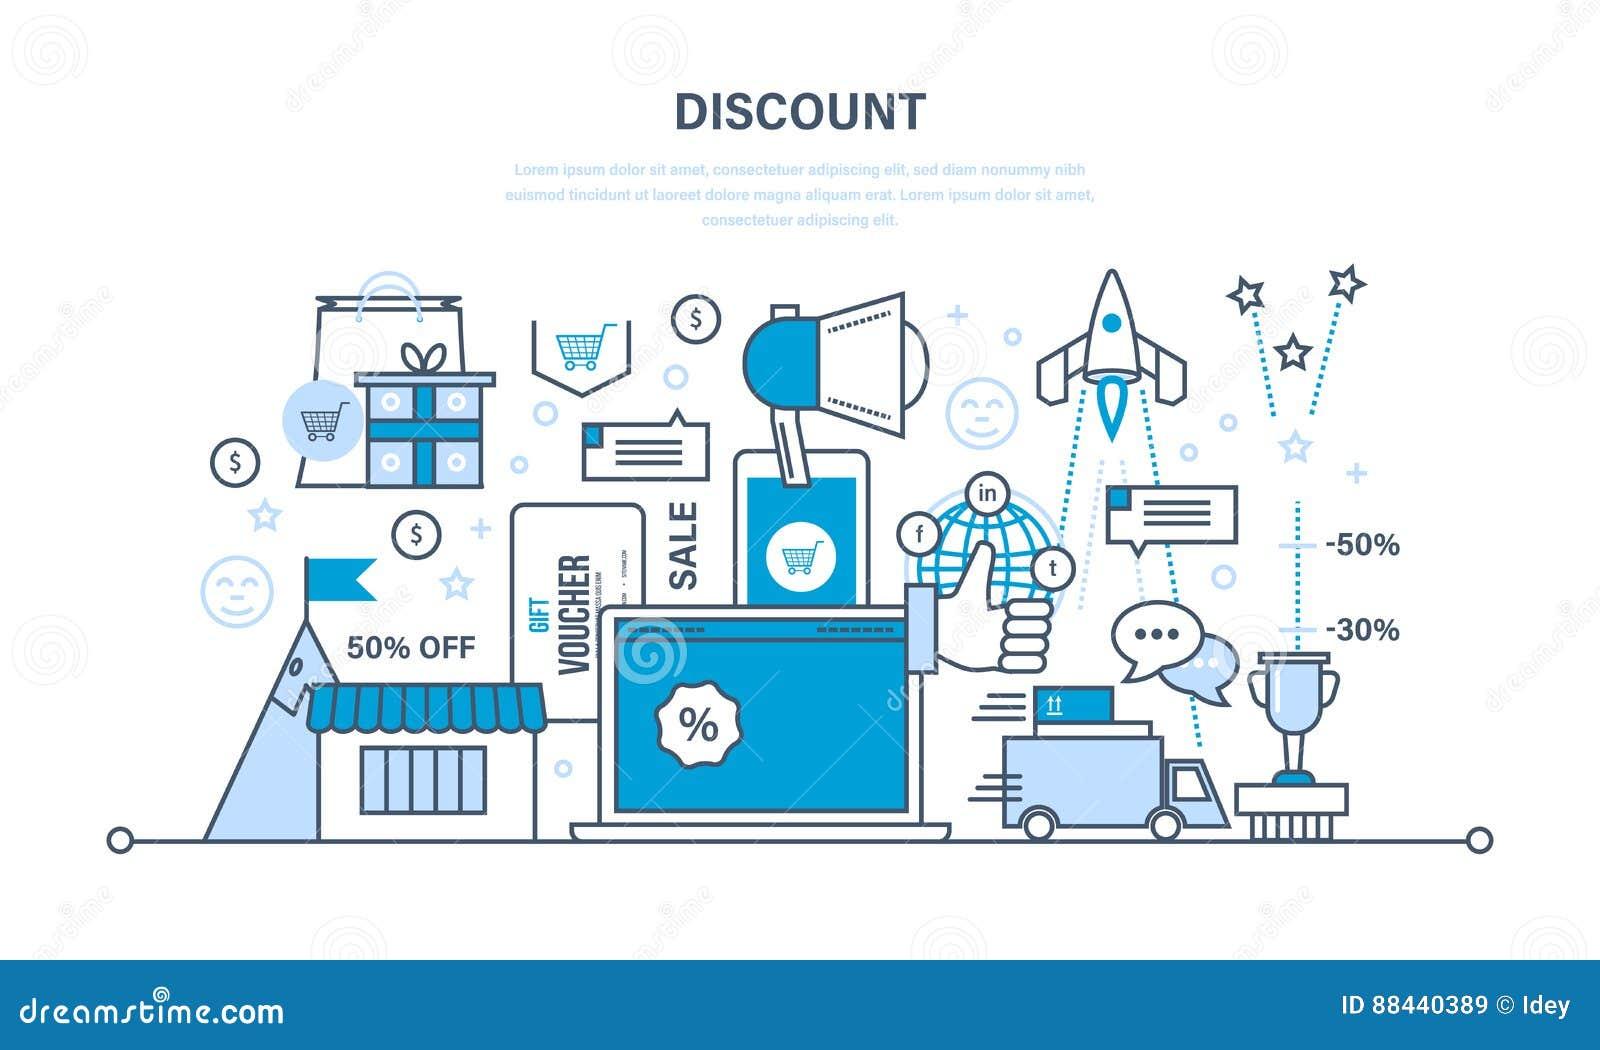 Rabatte, Belege, Entwürfe Und Geschenke, Einsparungensprogramme Und ...